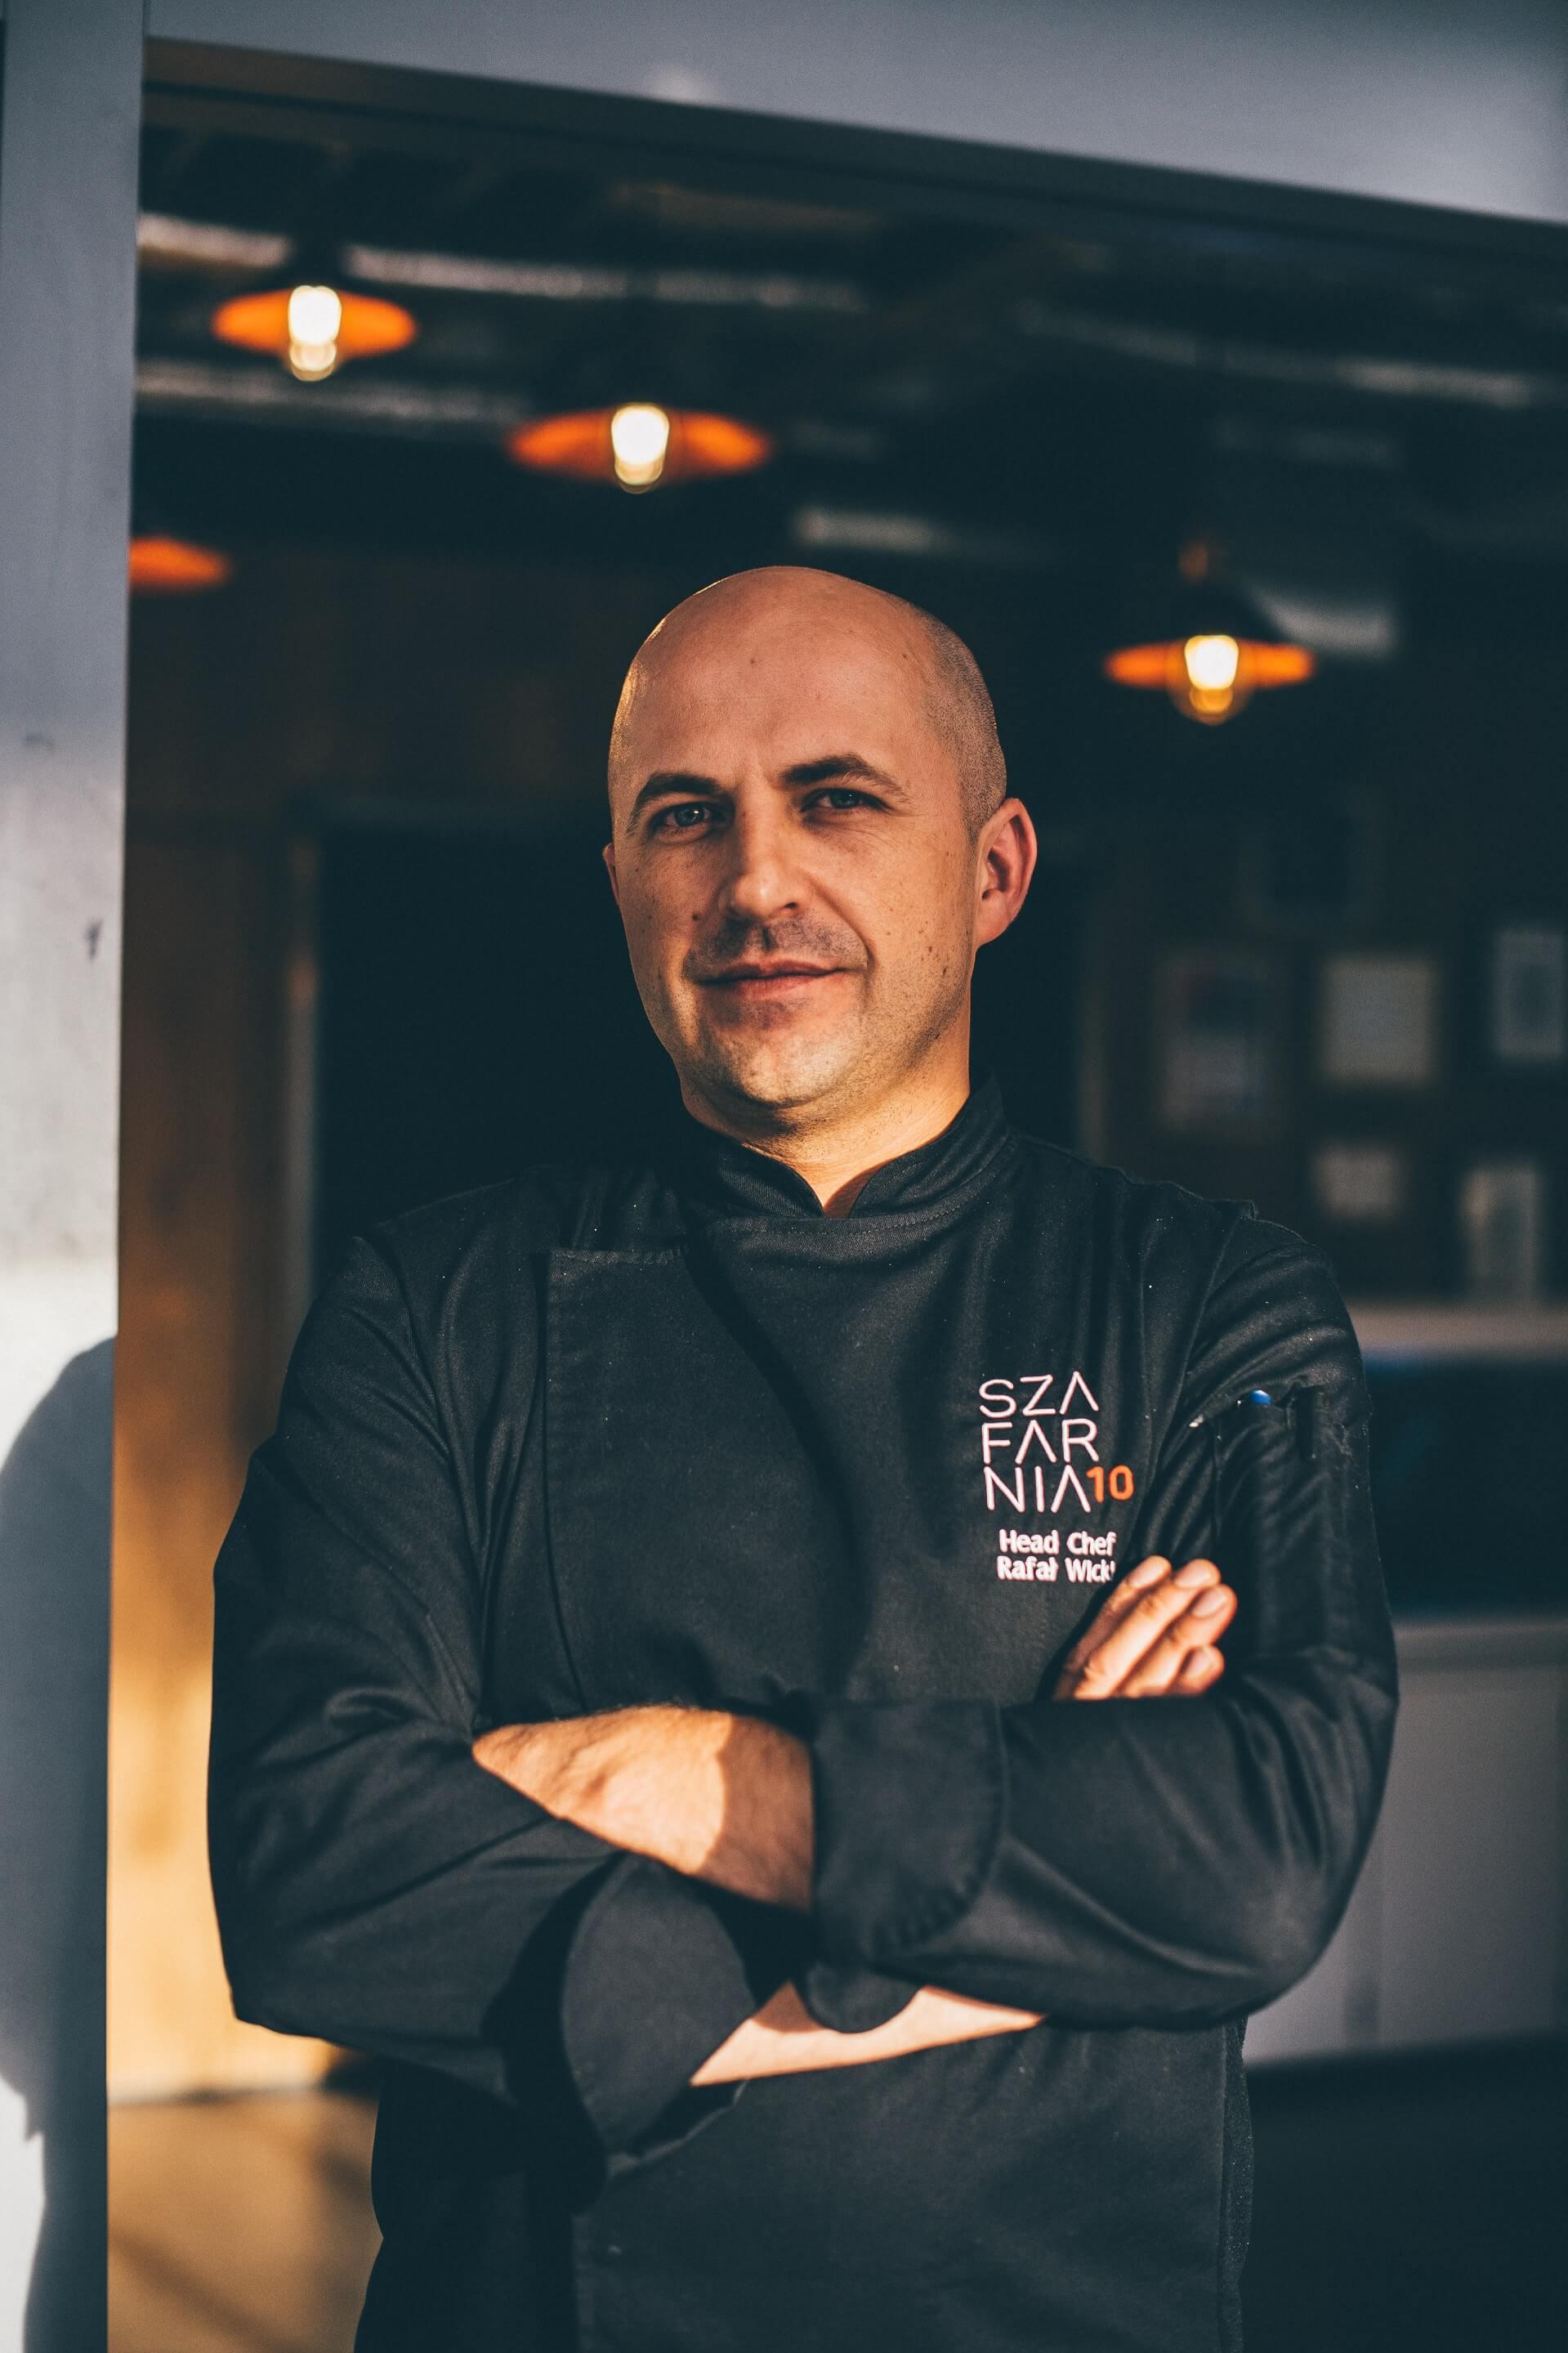 Szef kuchni restauracji Szafarnia 10 w Gdańsku